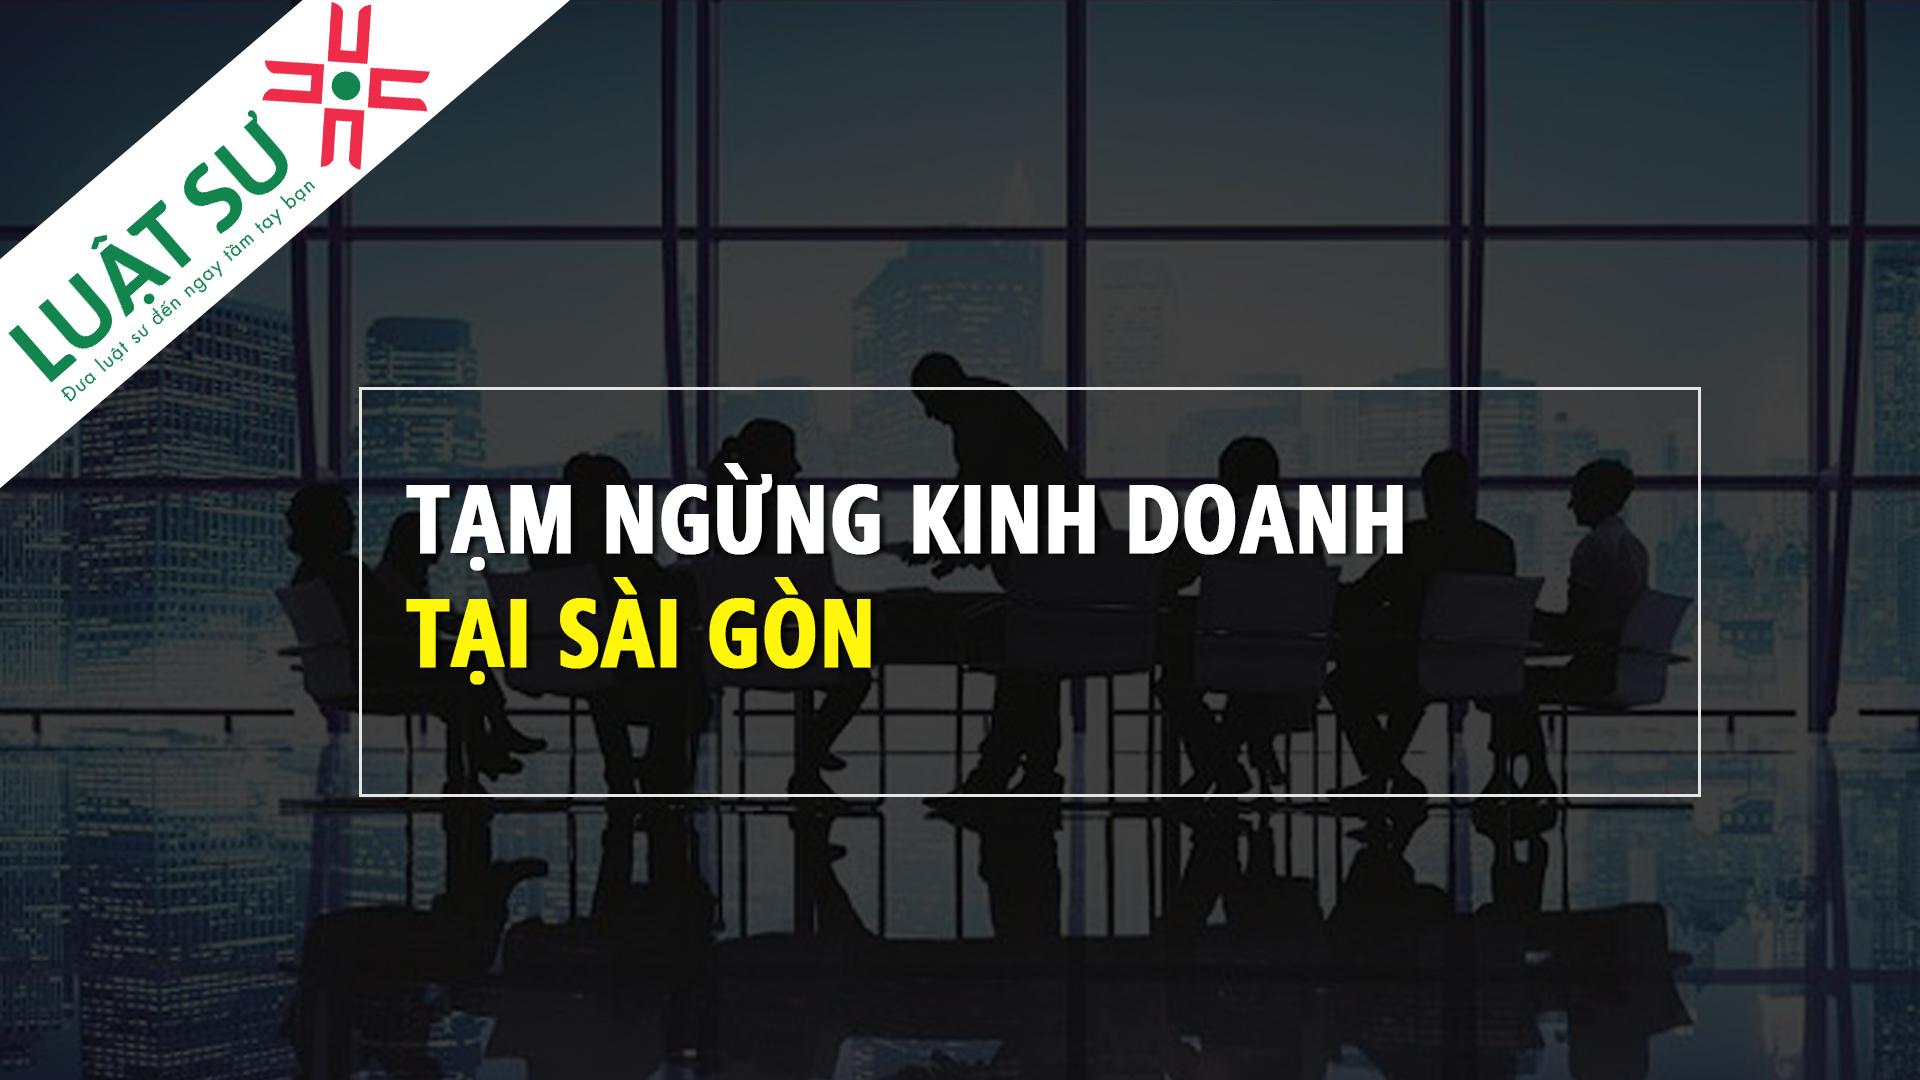 Tạm ngừng kinh doanh tại Sài Gòn